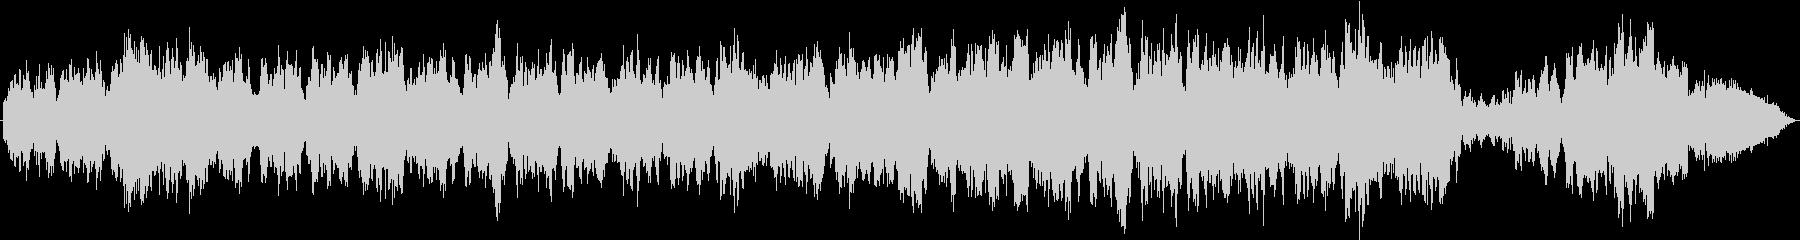 ヴァイオリンソロと弦楽器アンサンブルの未再生の波形